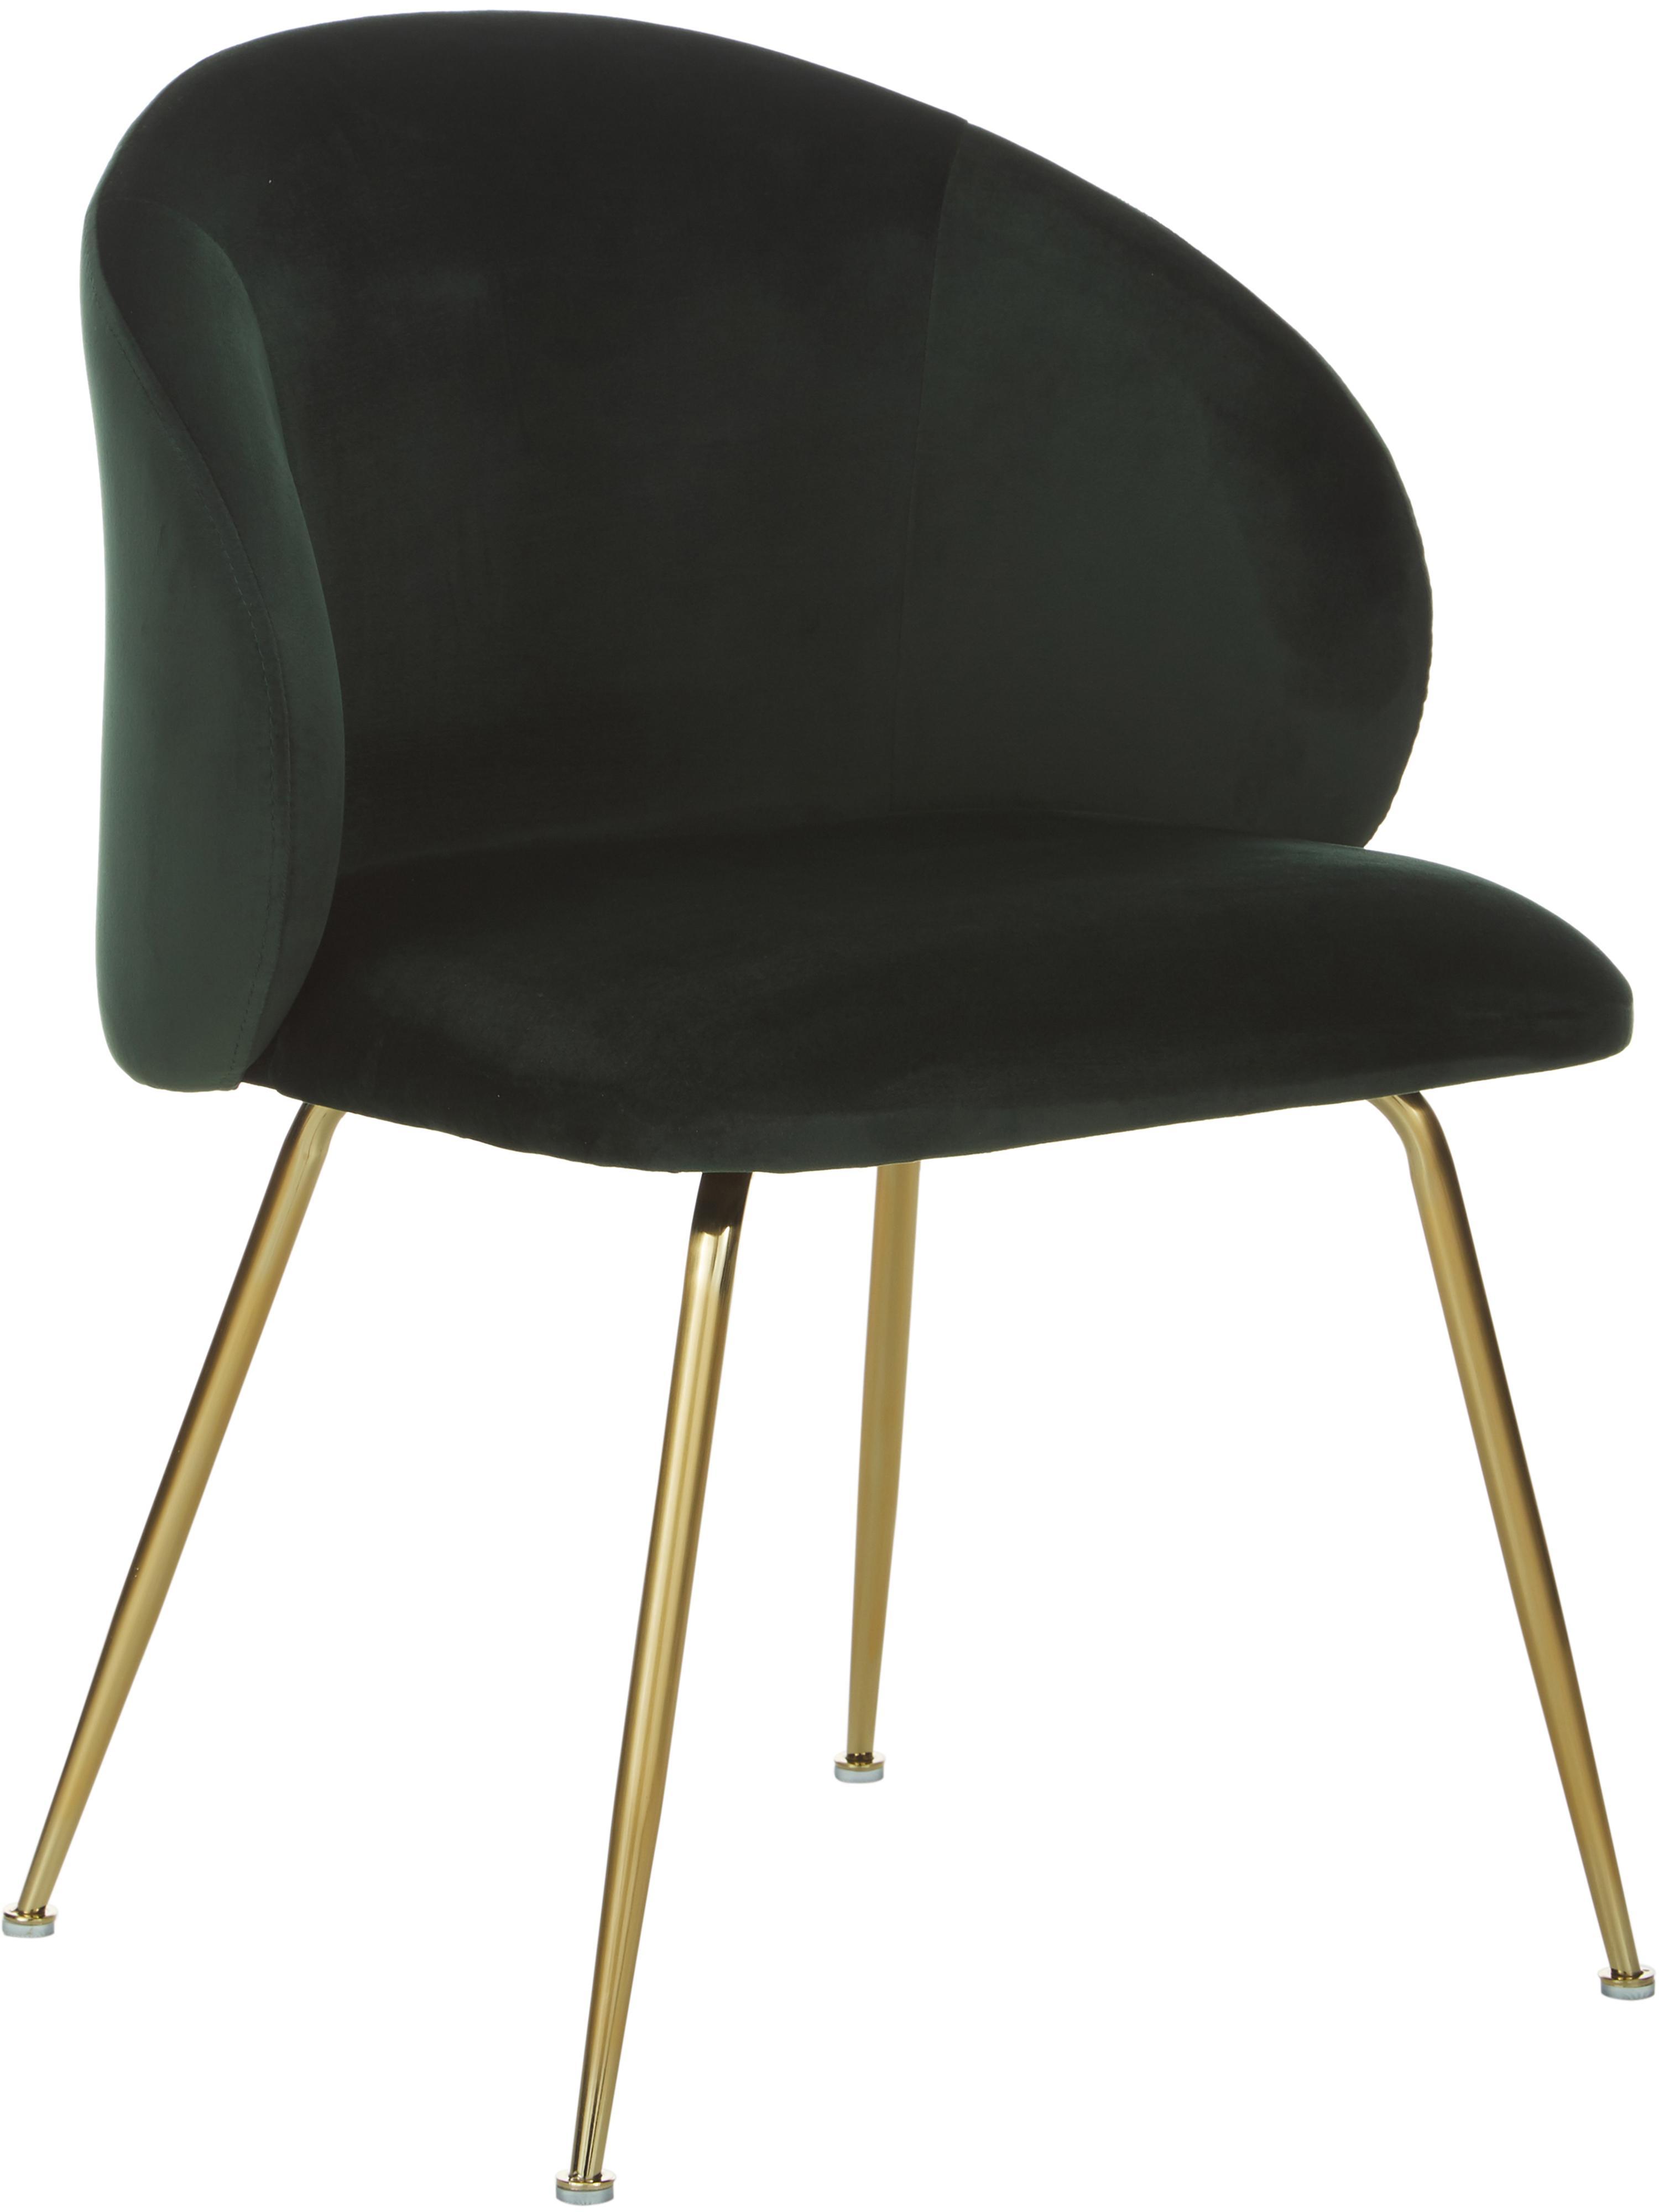 Krzesło tapicerowane z aksamitu Luisa, 2 szt., Nogi: metal lakierowany, Aksamitny ciemny zielony, złoty, S 61 x G 58 cm